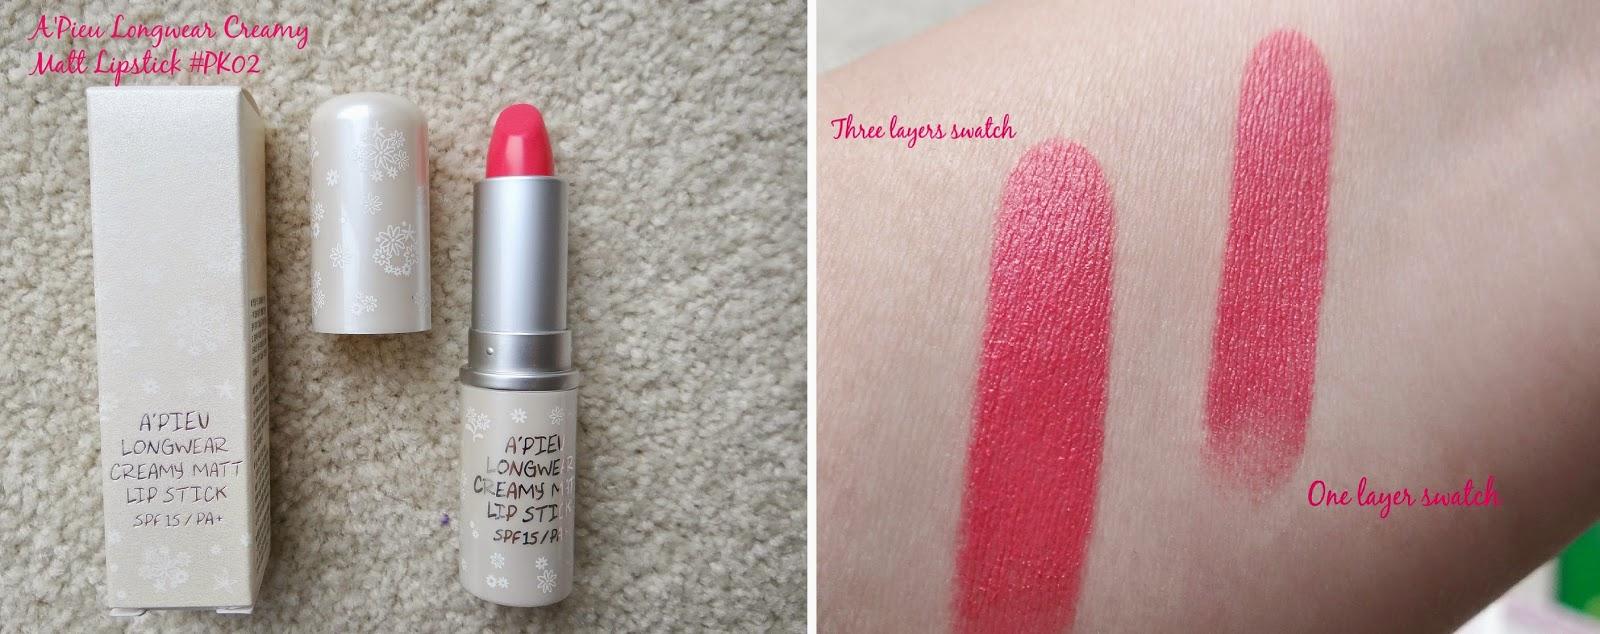 A'pieu Longwear Cream Matt Lipstick PK02, creamy lipstick, matte lipstick